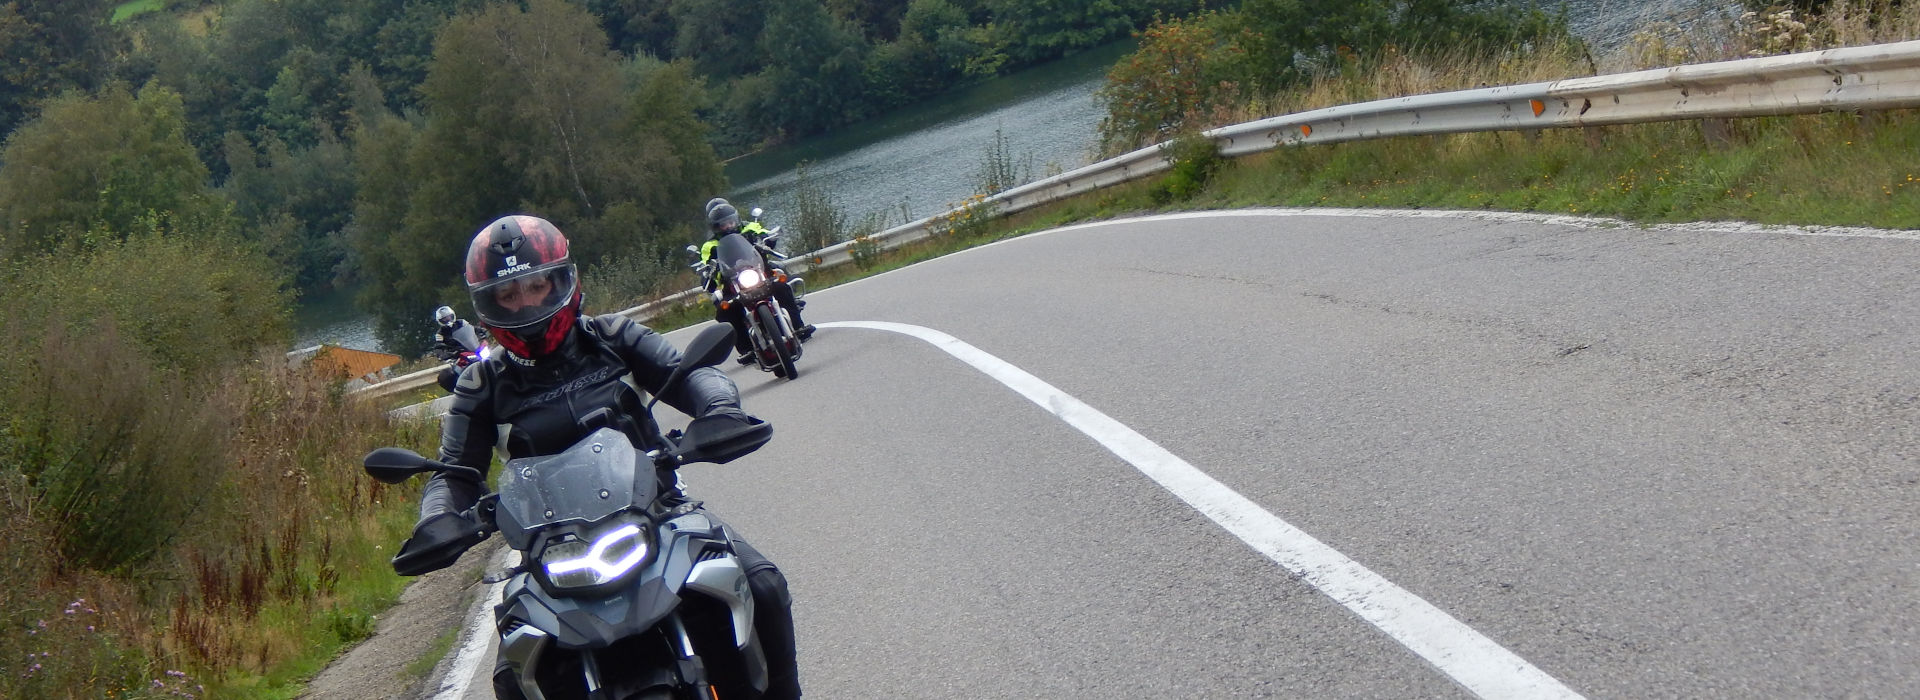 Motorrijbewijspoint Scherpenisse snelcursus motorrijbewijs